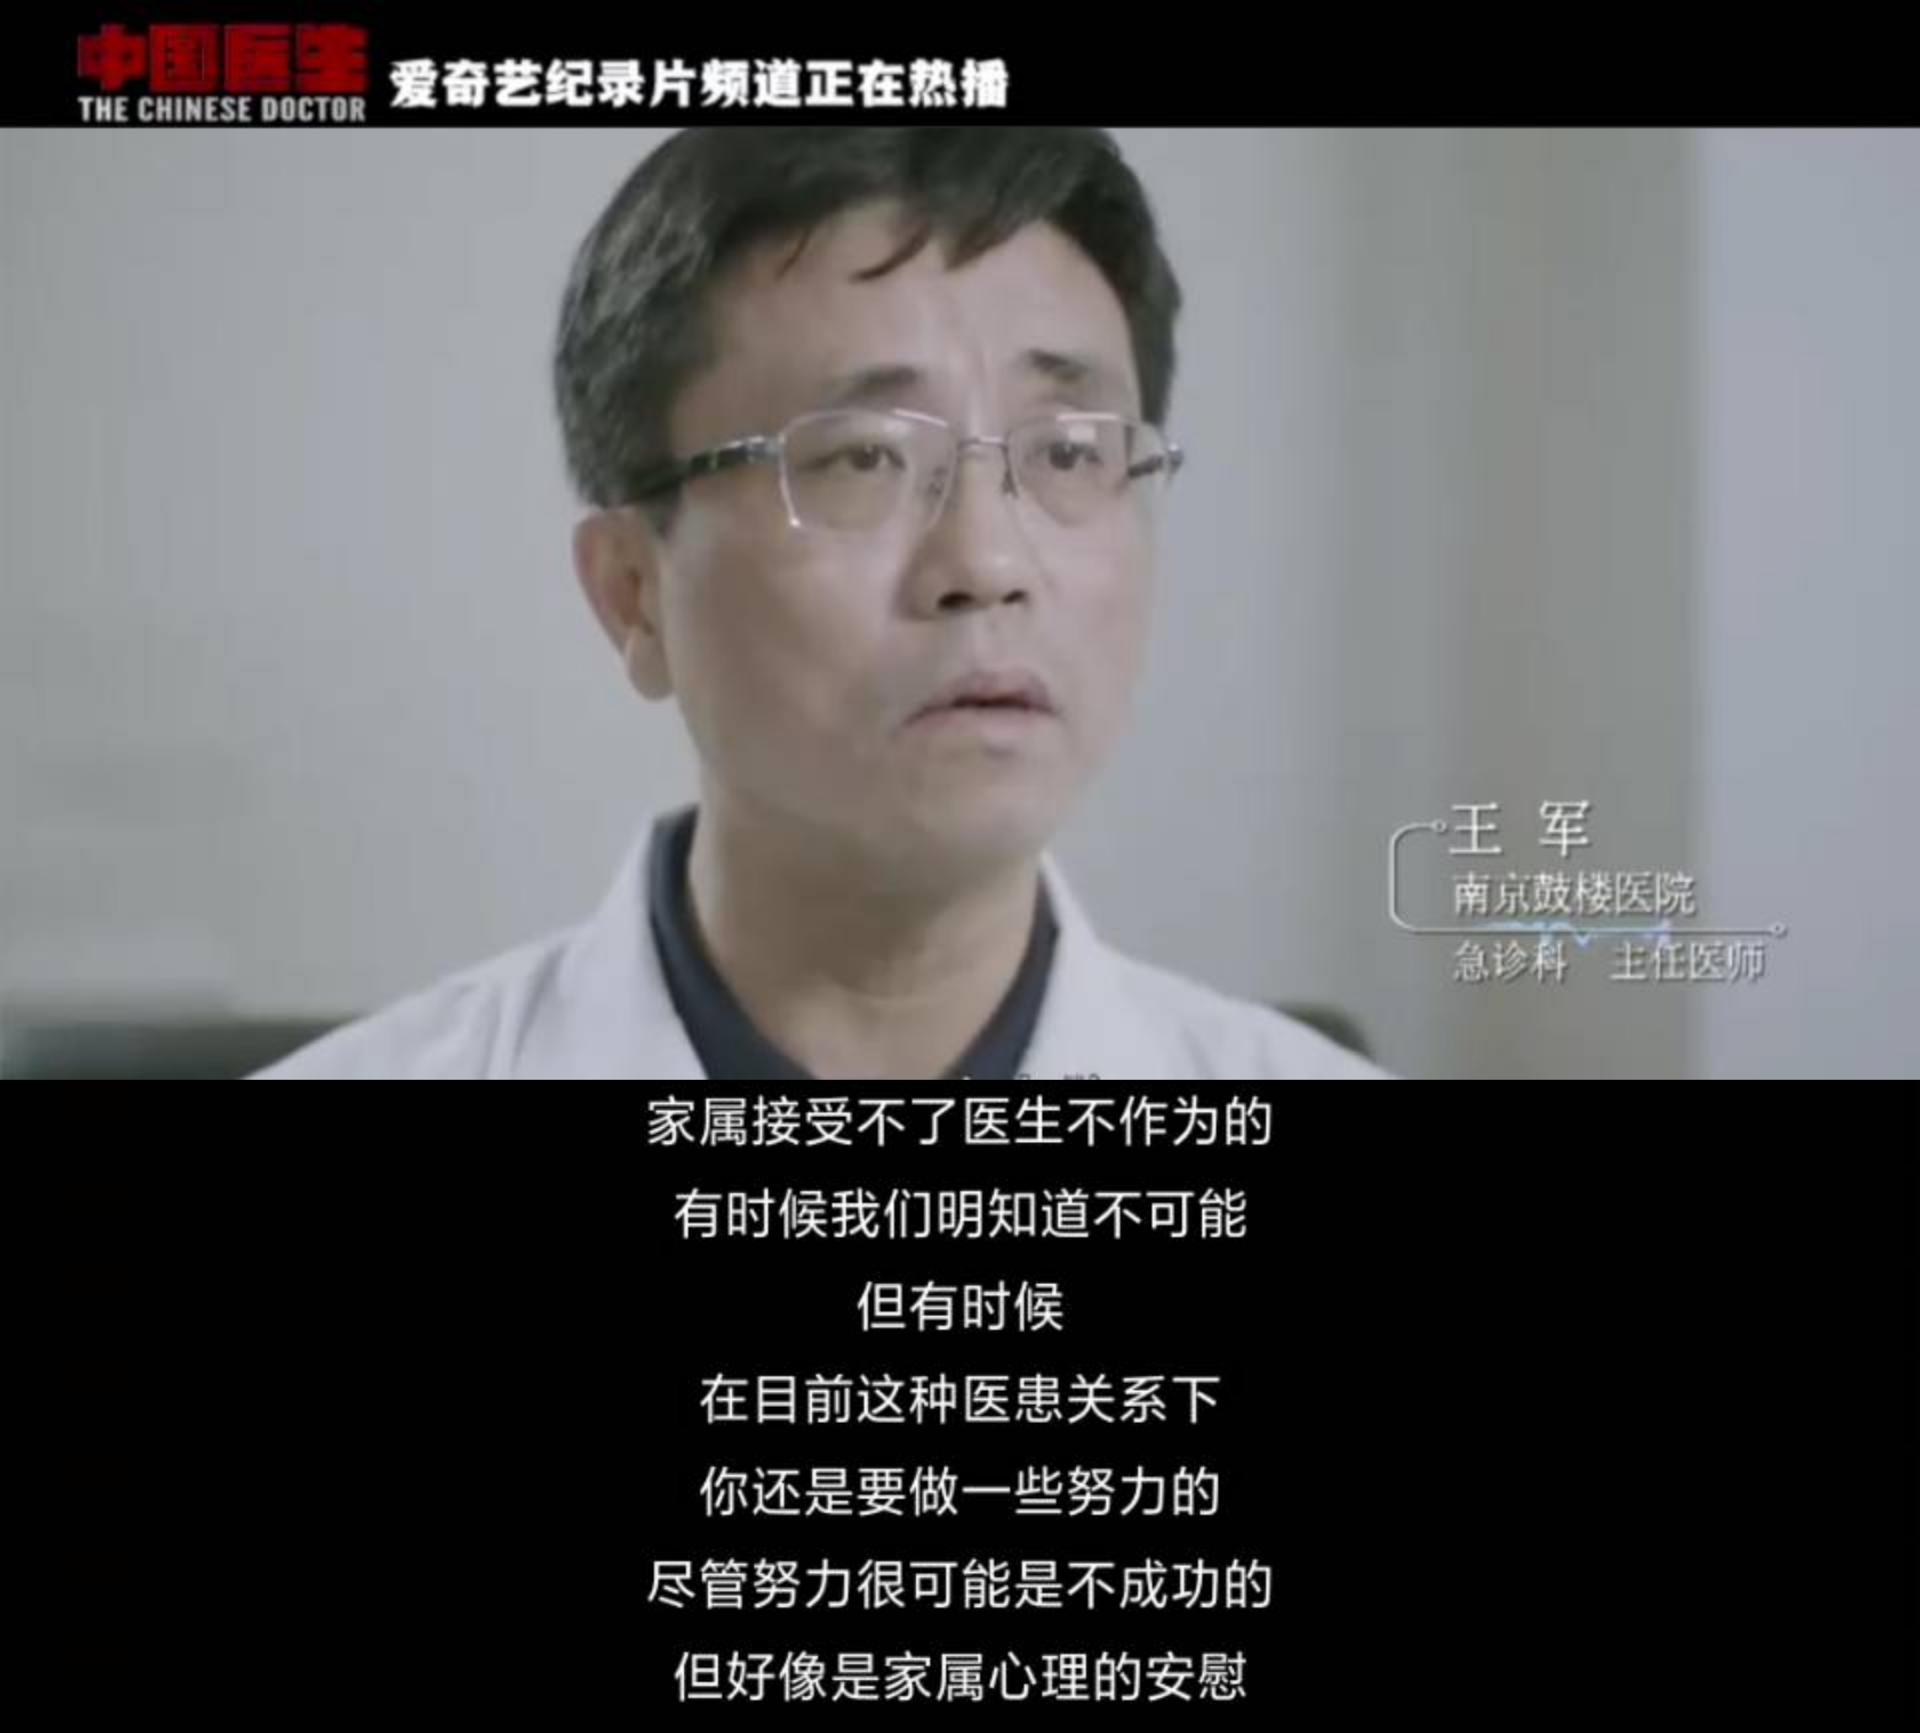 幸運飛艇開獎微信群:上海垃圾分類知識:高校免費派發蛋糕詳細經過 高校免費派發蛋糕